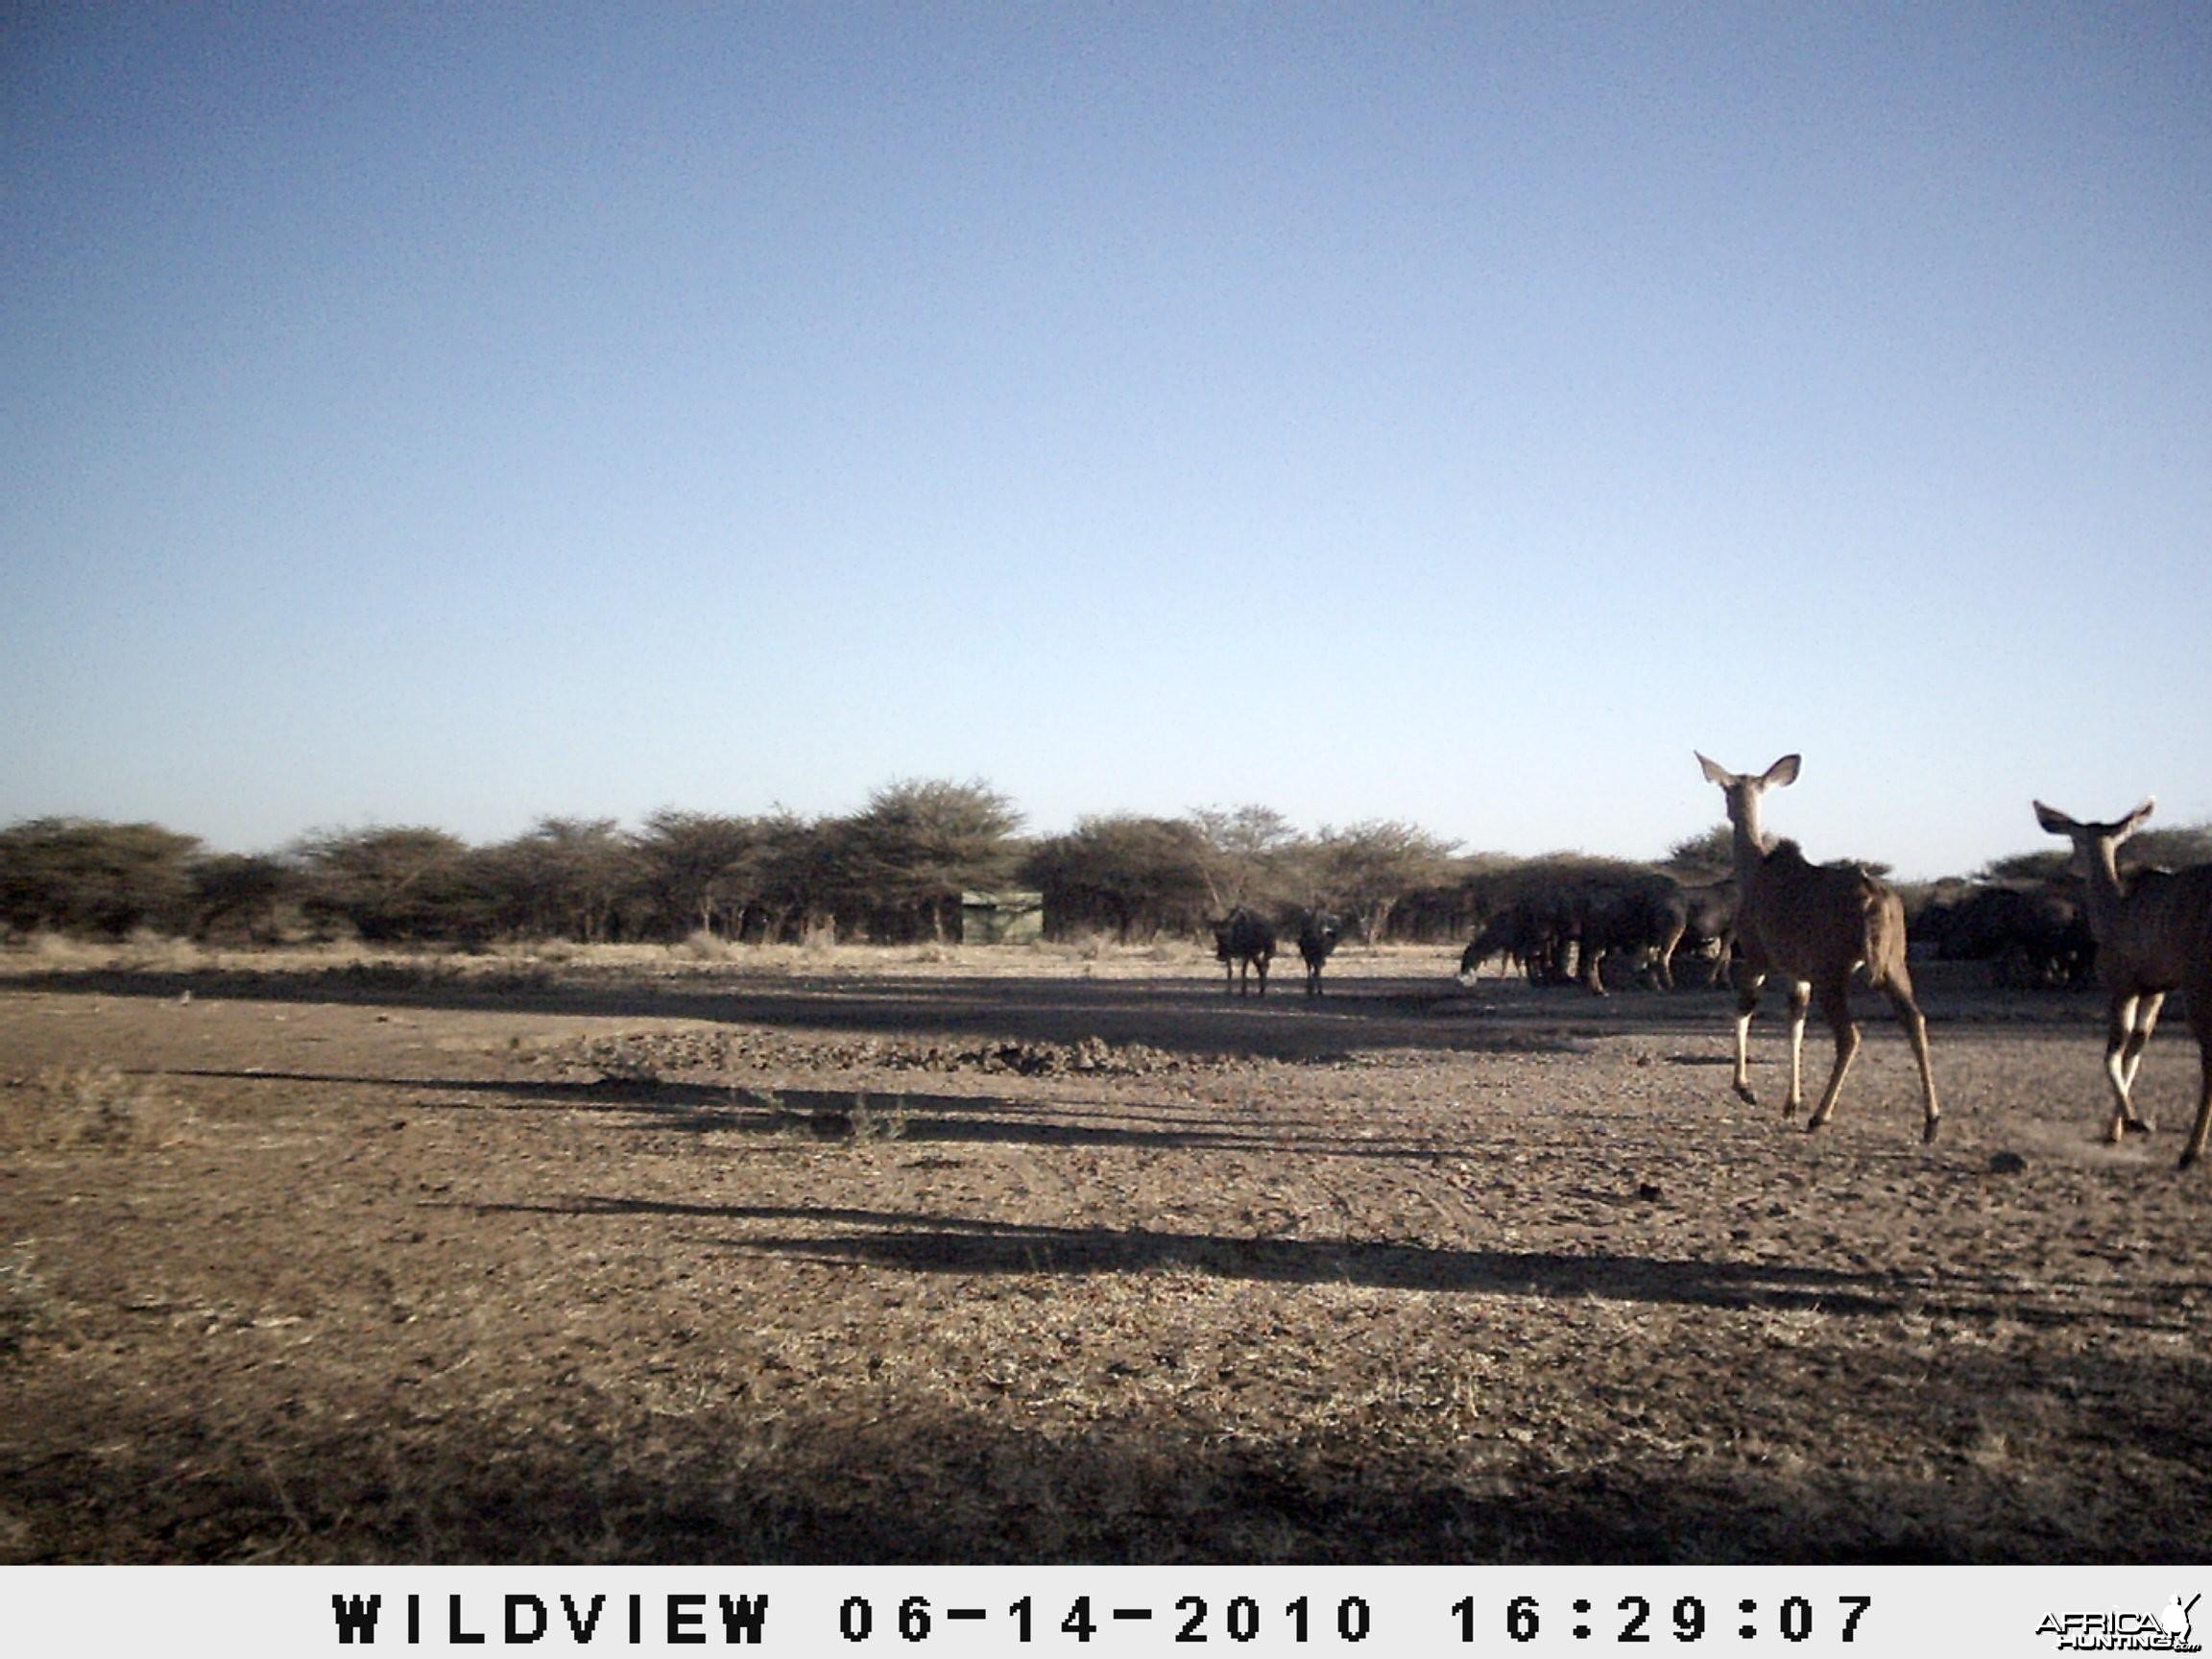 Kudus, Namibia